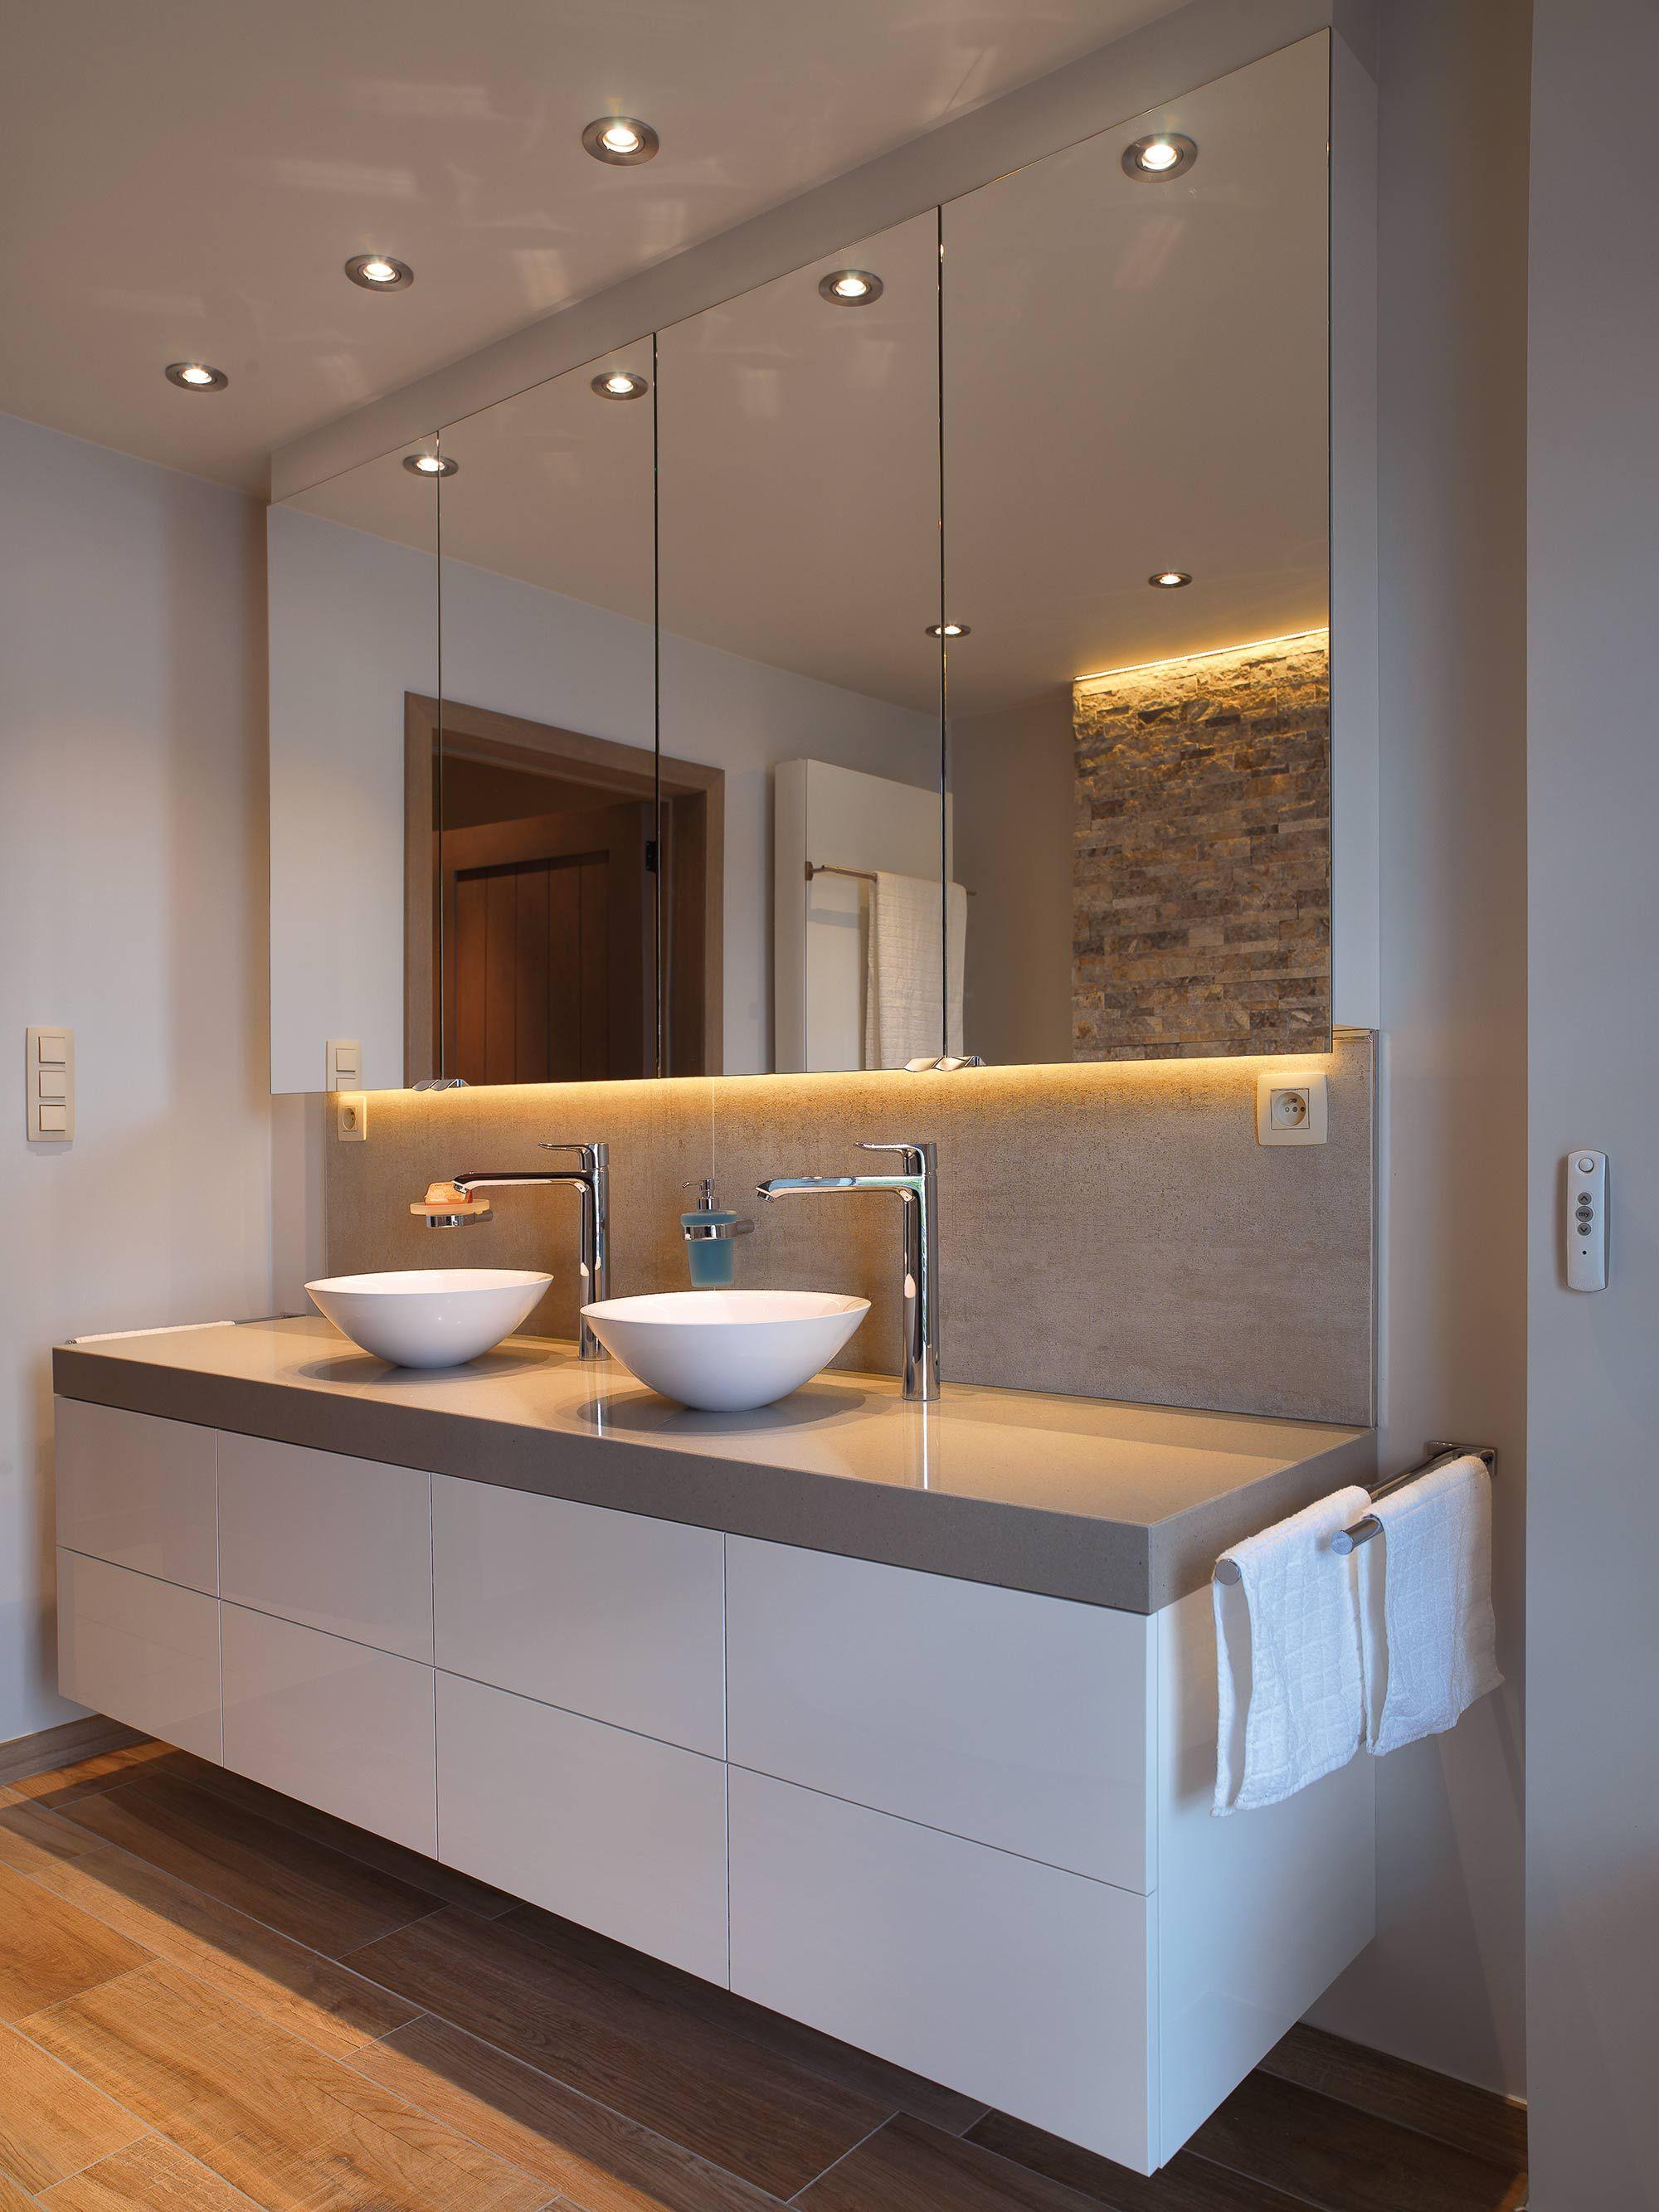 Badezimmer design stand-up-dusche kaarsjes aan badkamerdeur op slot en languit in bad of genieten van